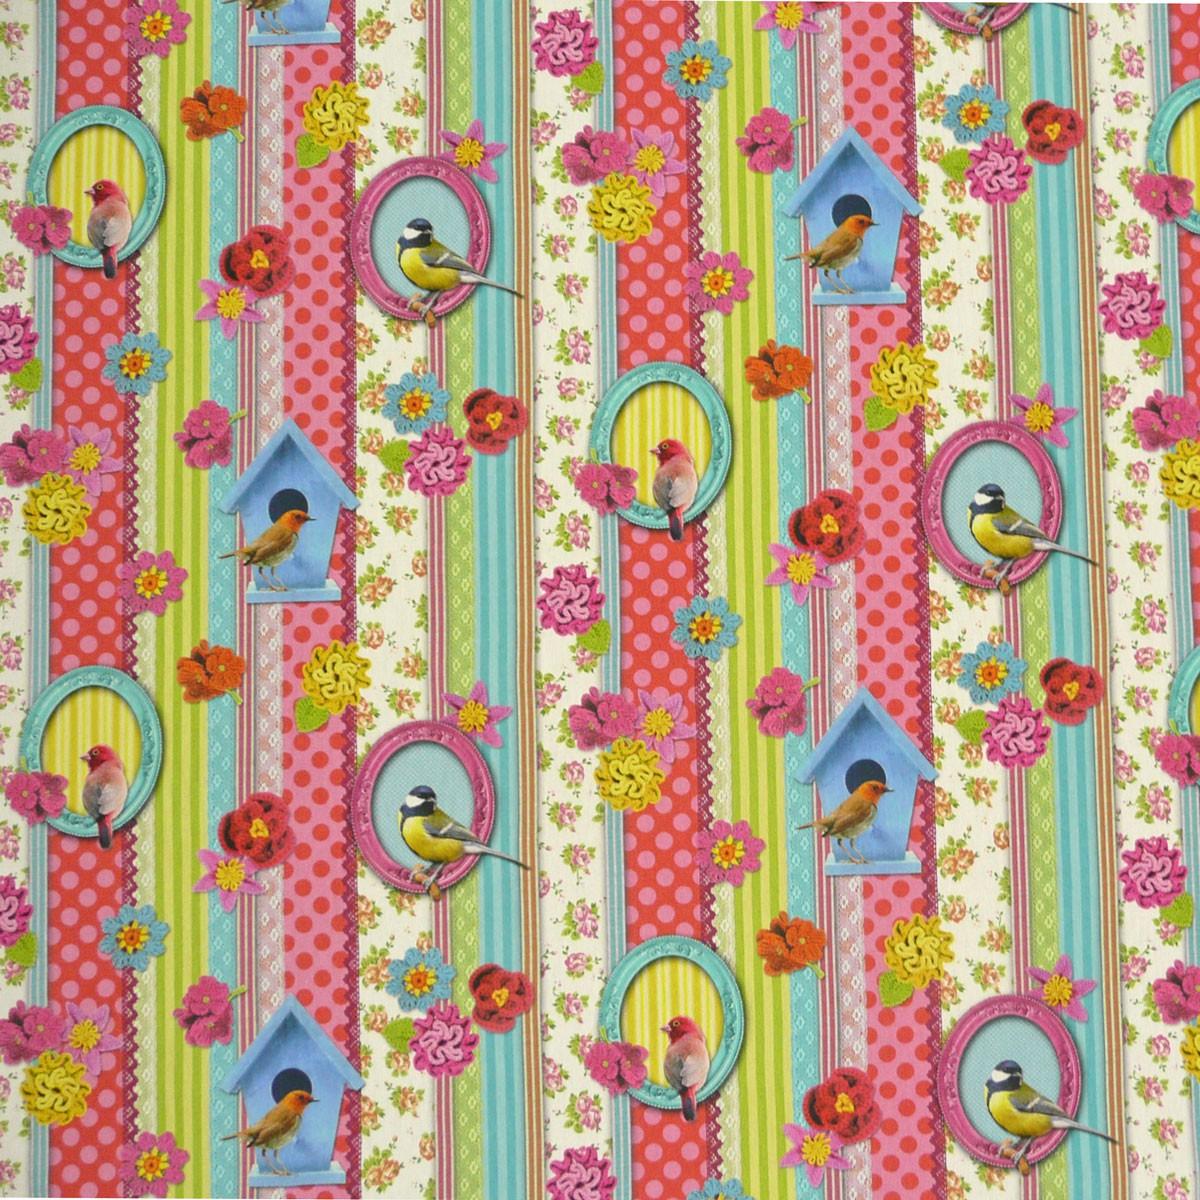 Baumwollstoff Vögel Streifen Rosen Digitaldruck Stoff Dekostoff